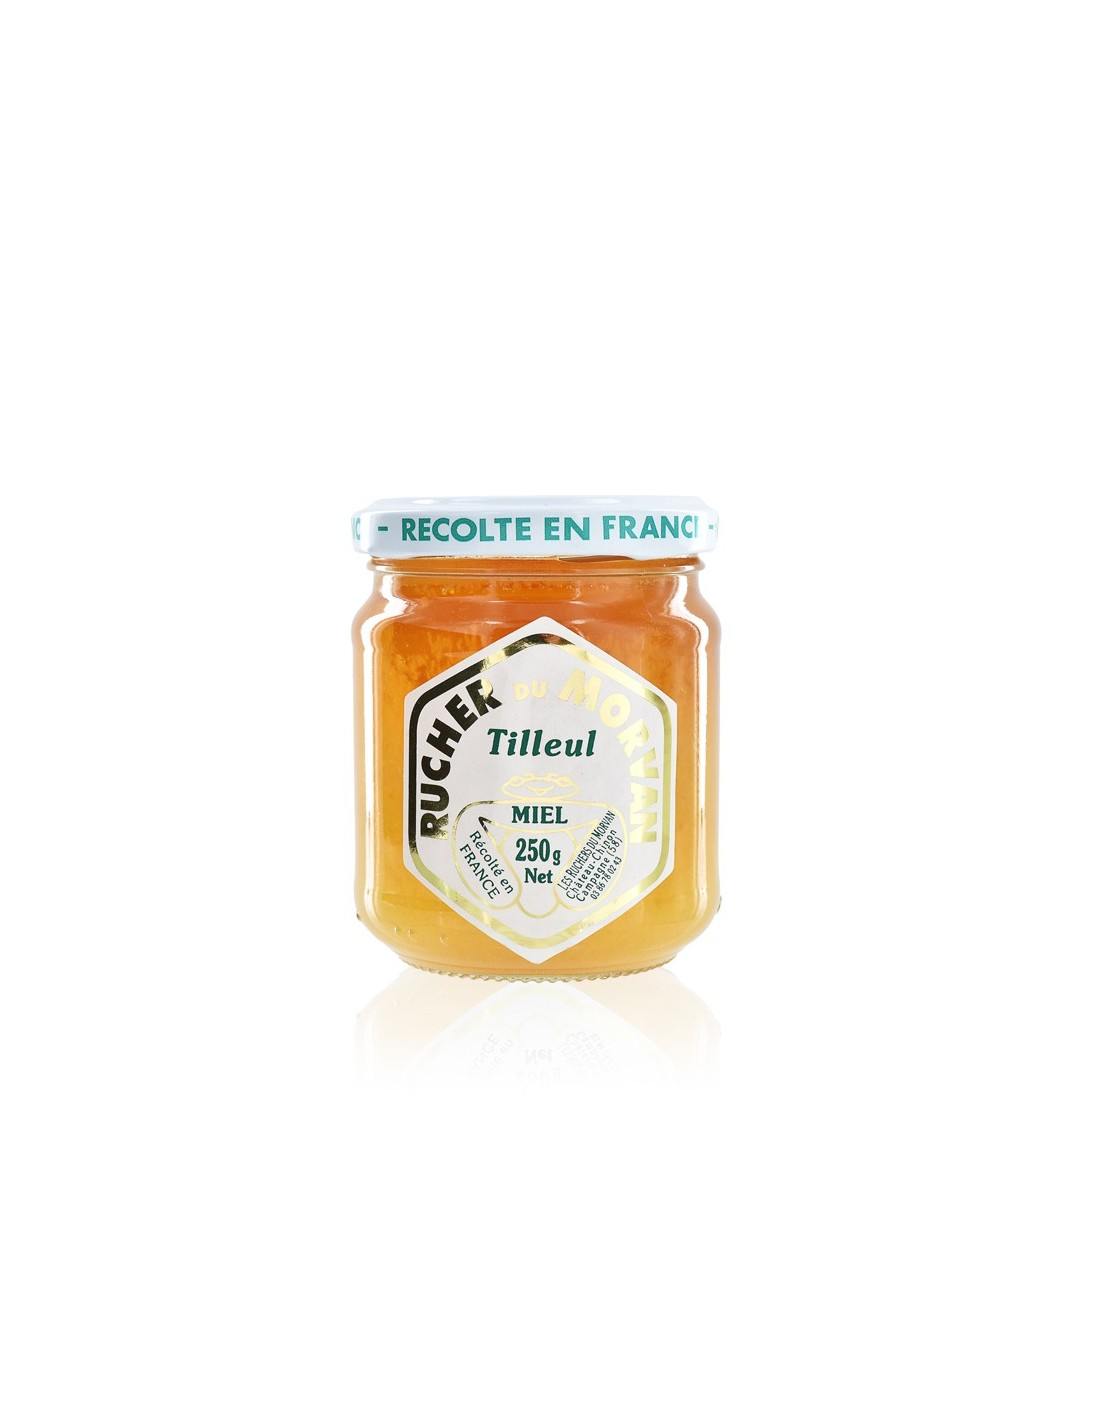 miel de tilleul pot 250g fabrication artisanale produit du terroir. Black Bedroom Furniture Sets. Home Design Ideas